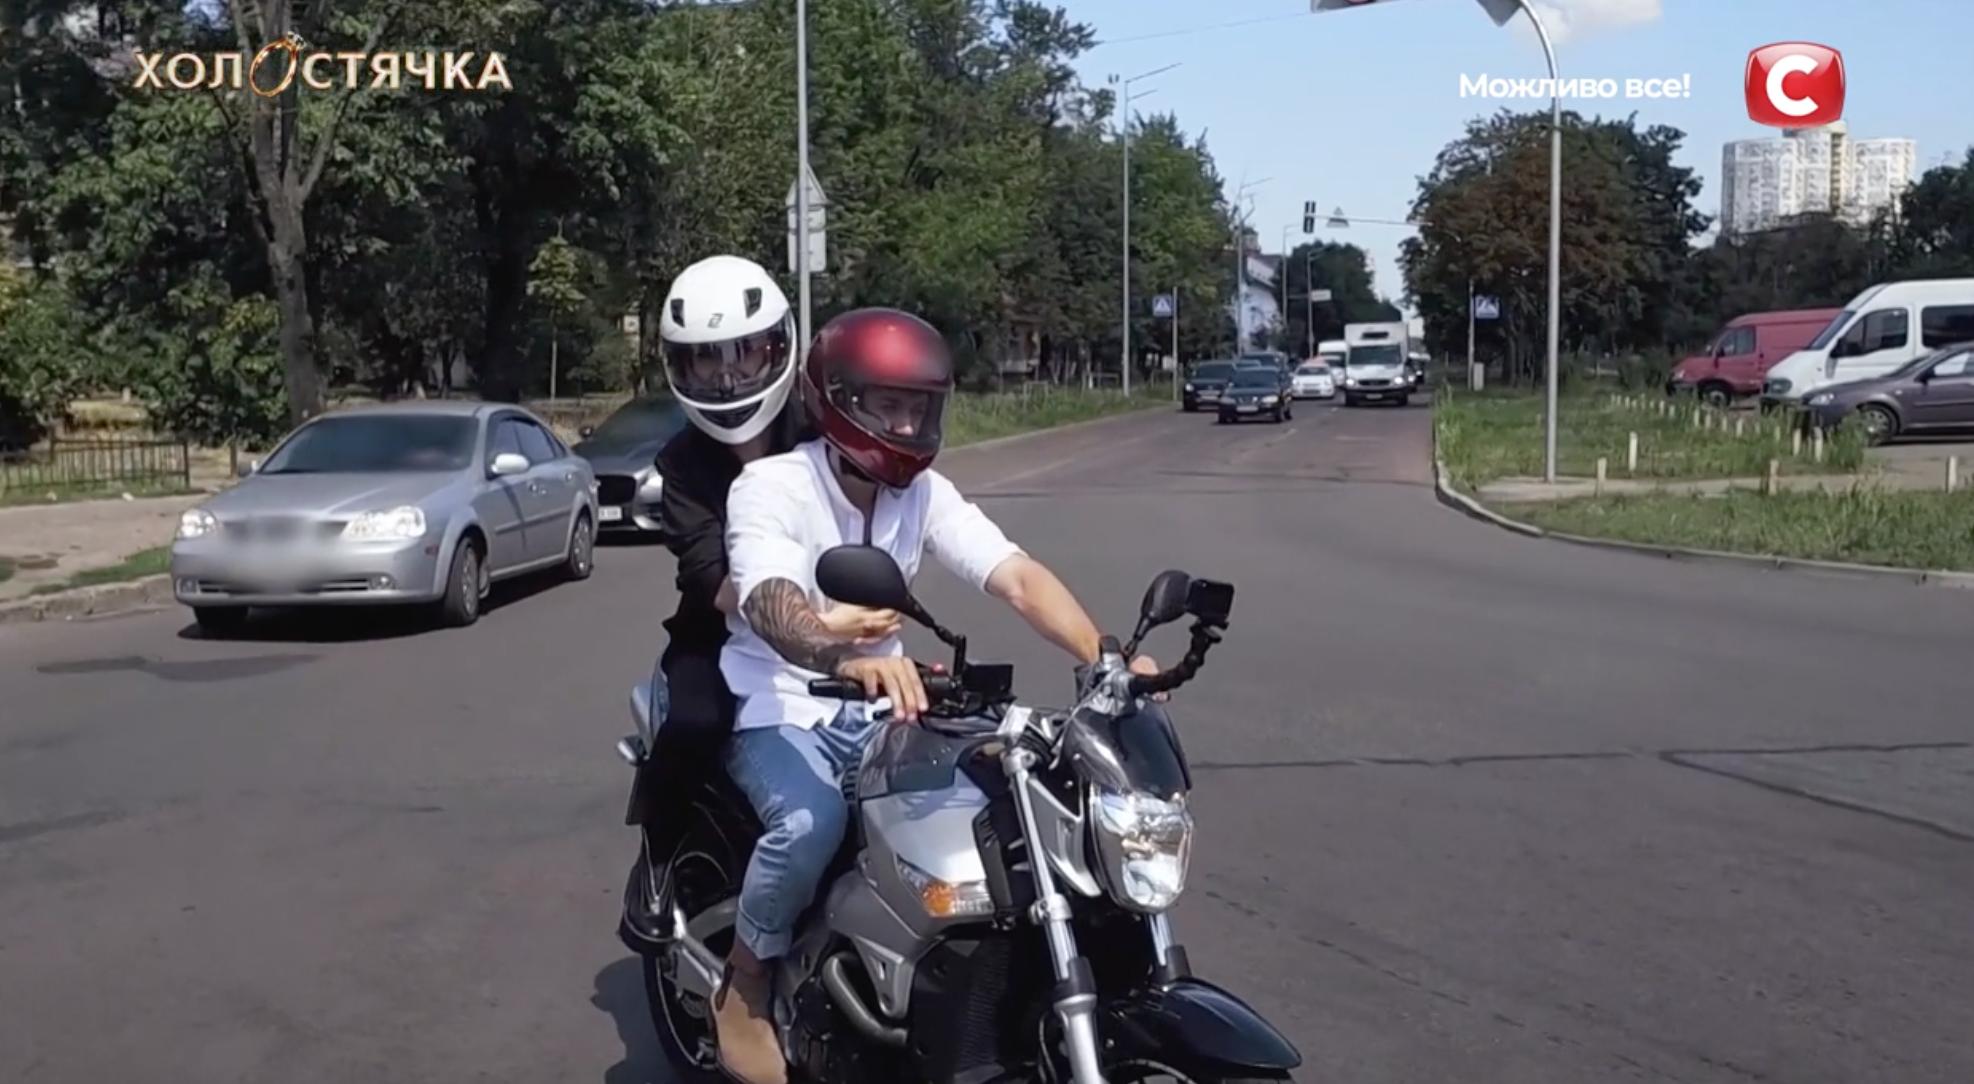 """Участник шоу """"Холостячка"""" похитил Мишину"""